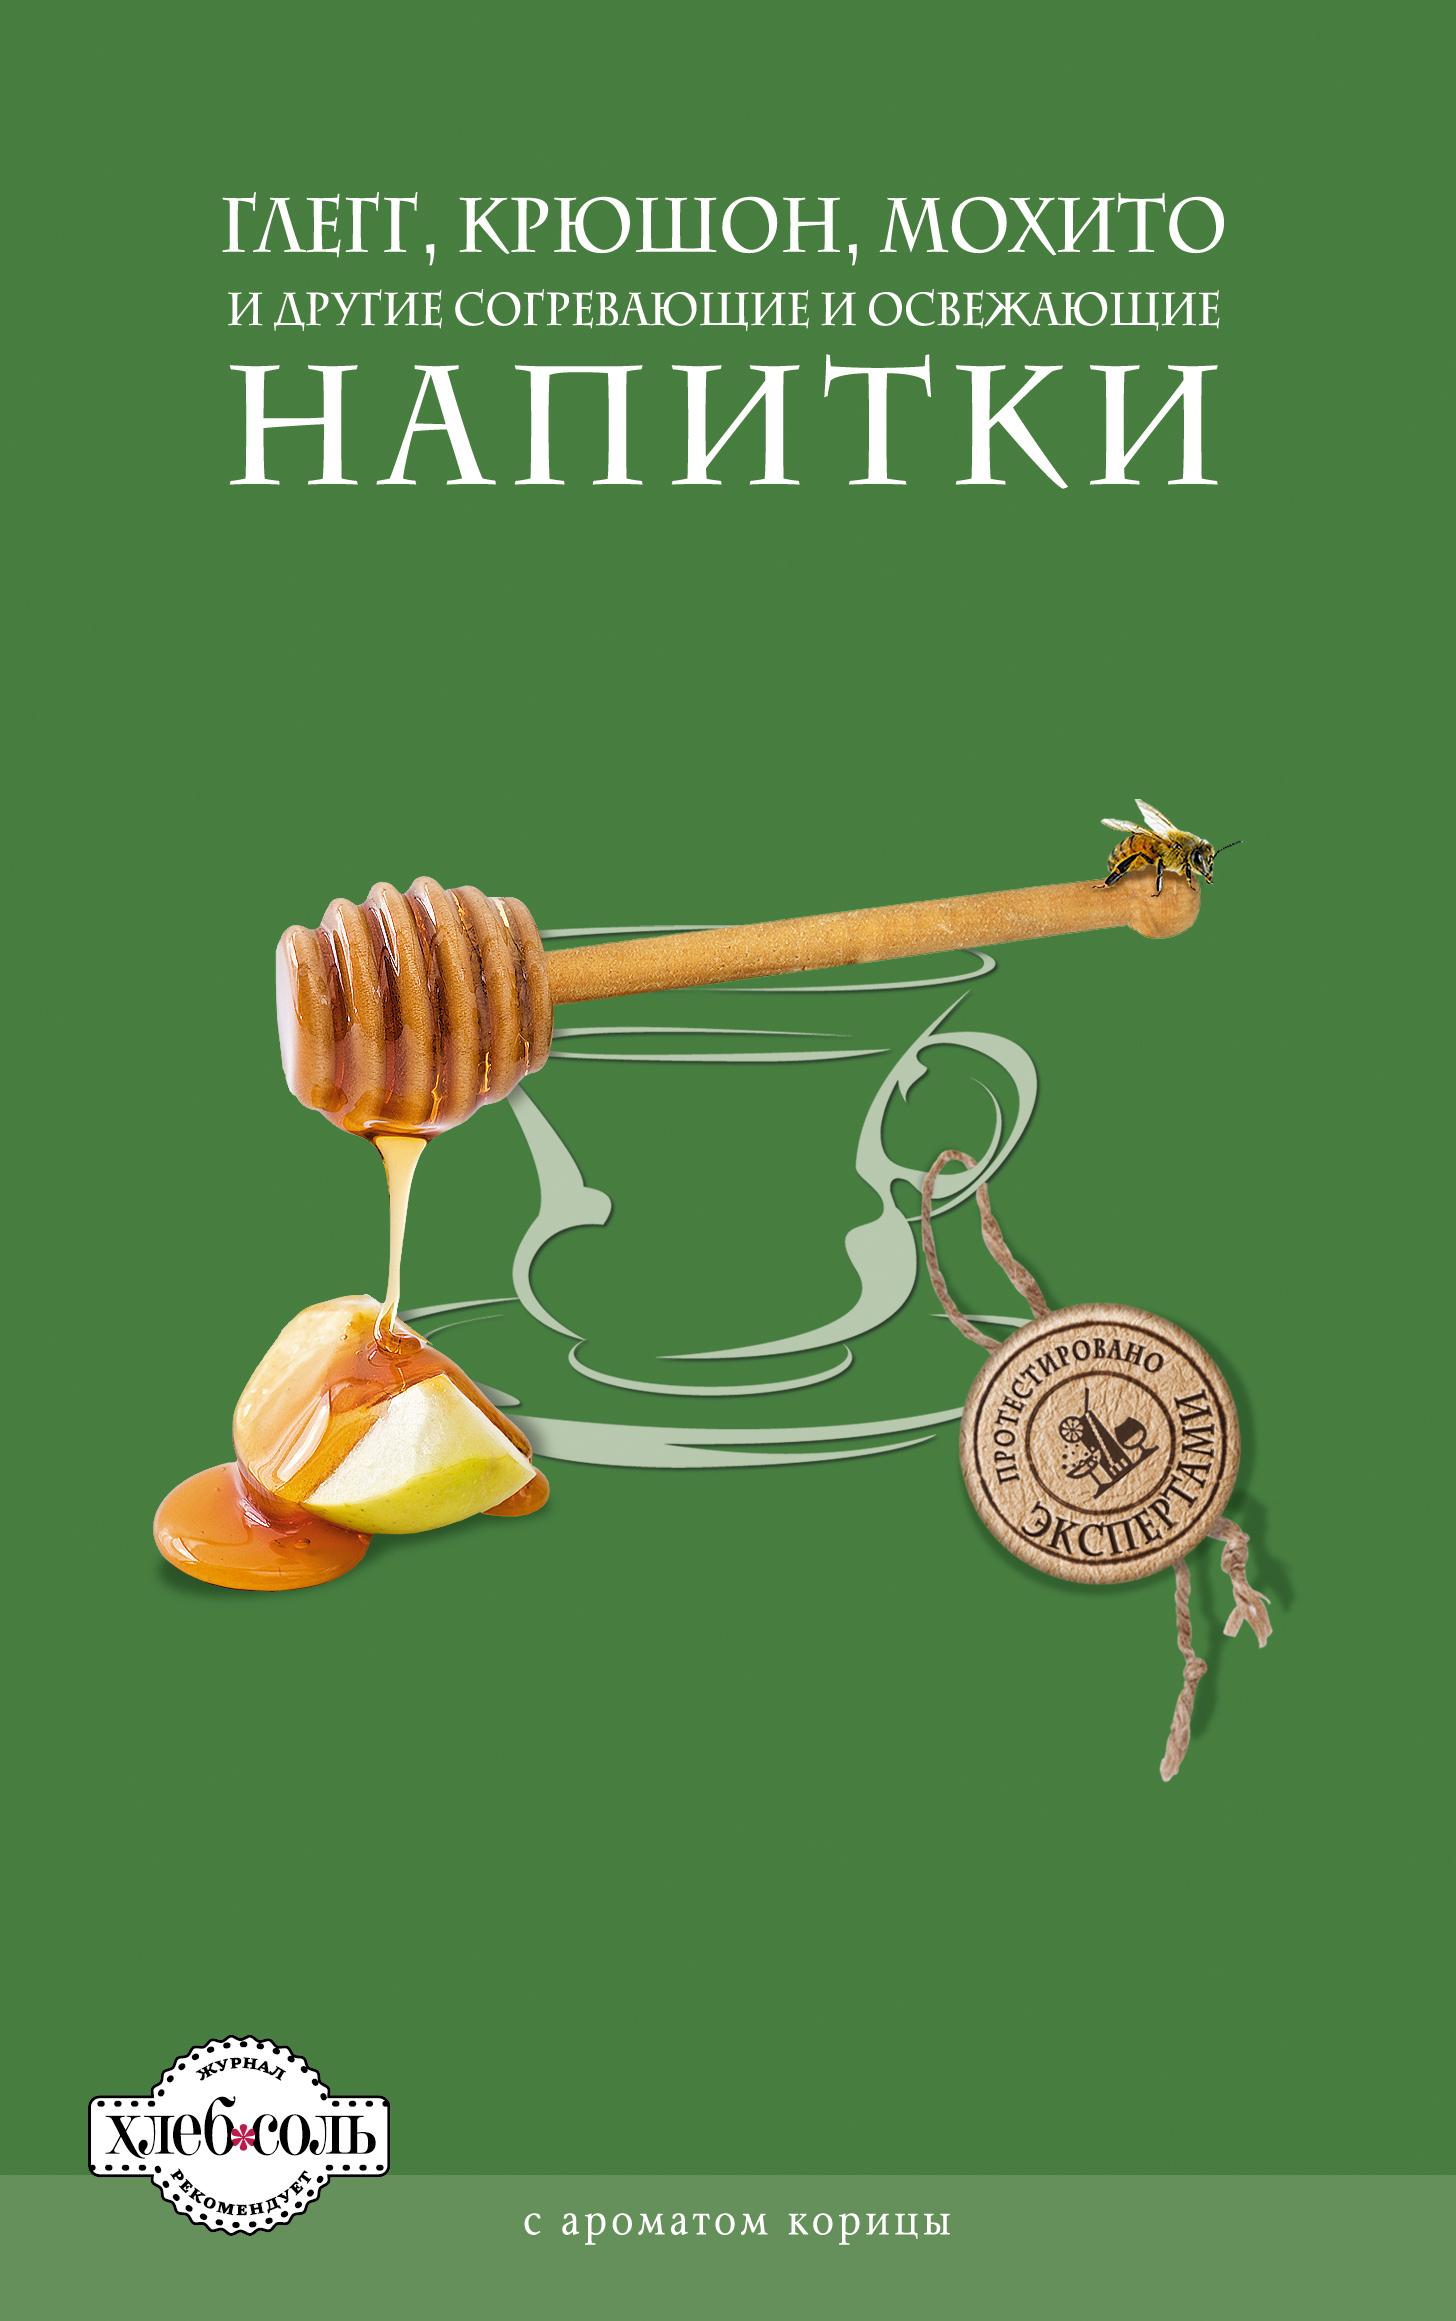 Глегг, крюшон, мохито и другие согревающие и освежающие напитки ISBN: 978-5-699-51020-7 виктория белкина какие напитки приготовить зимой